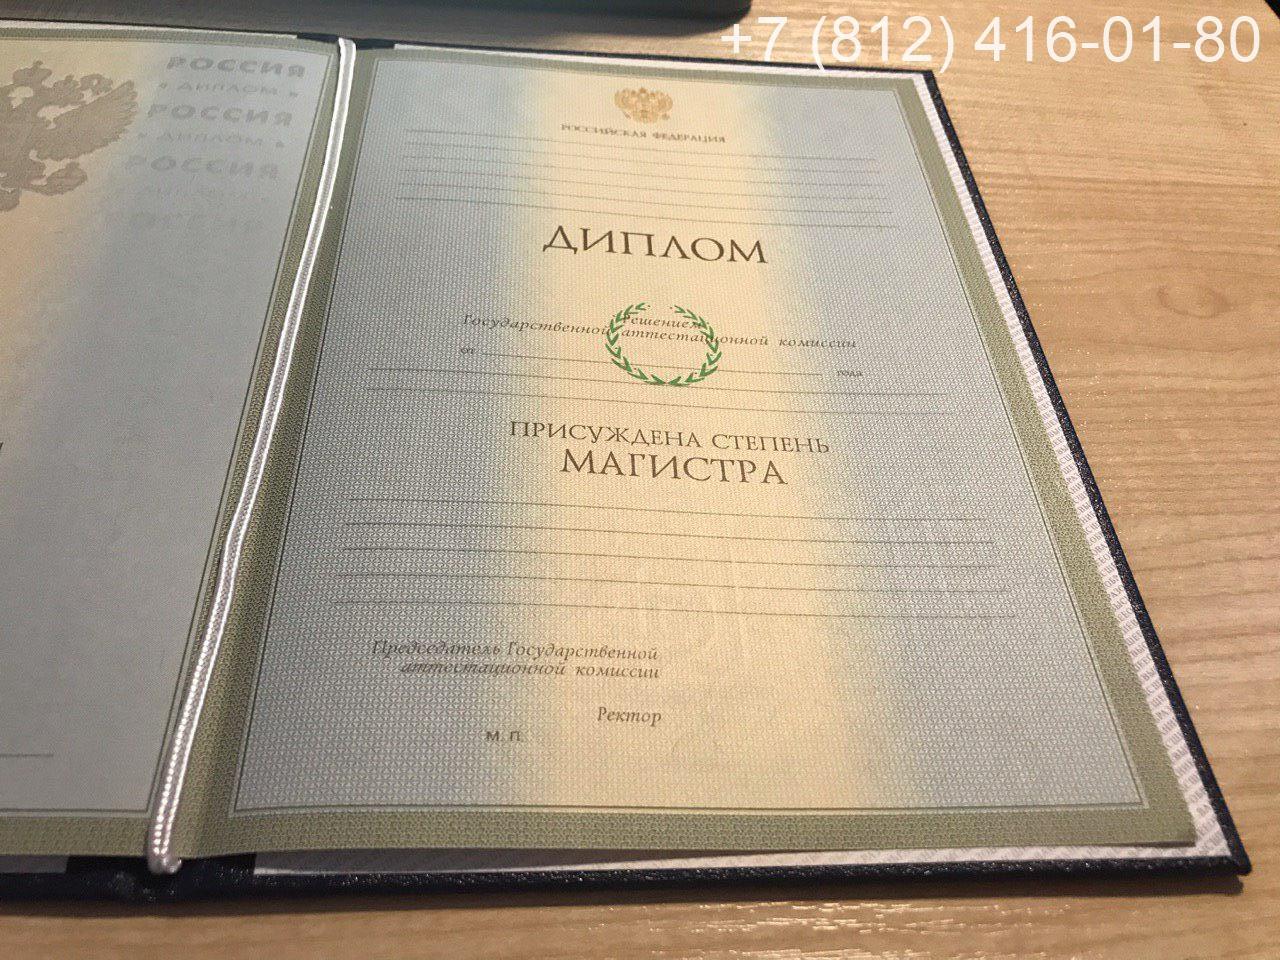 Диплом магистра 2004-2009 годов, старого образца